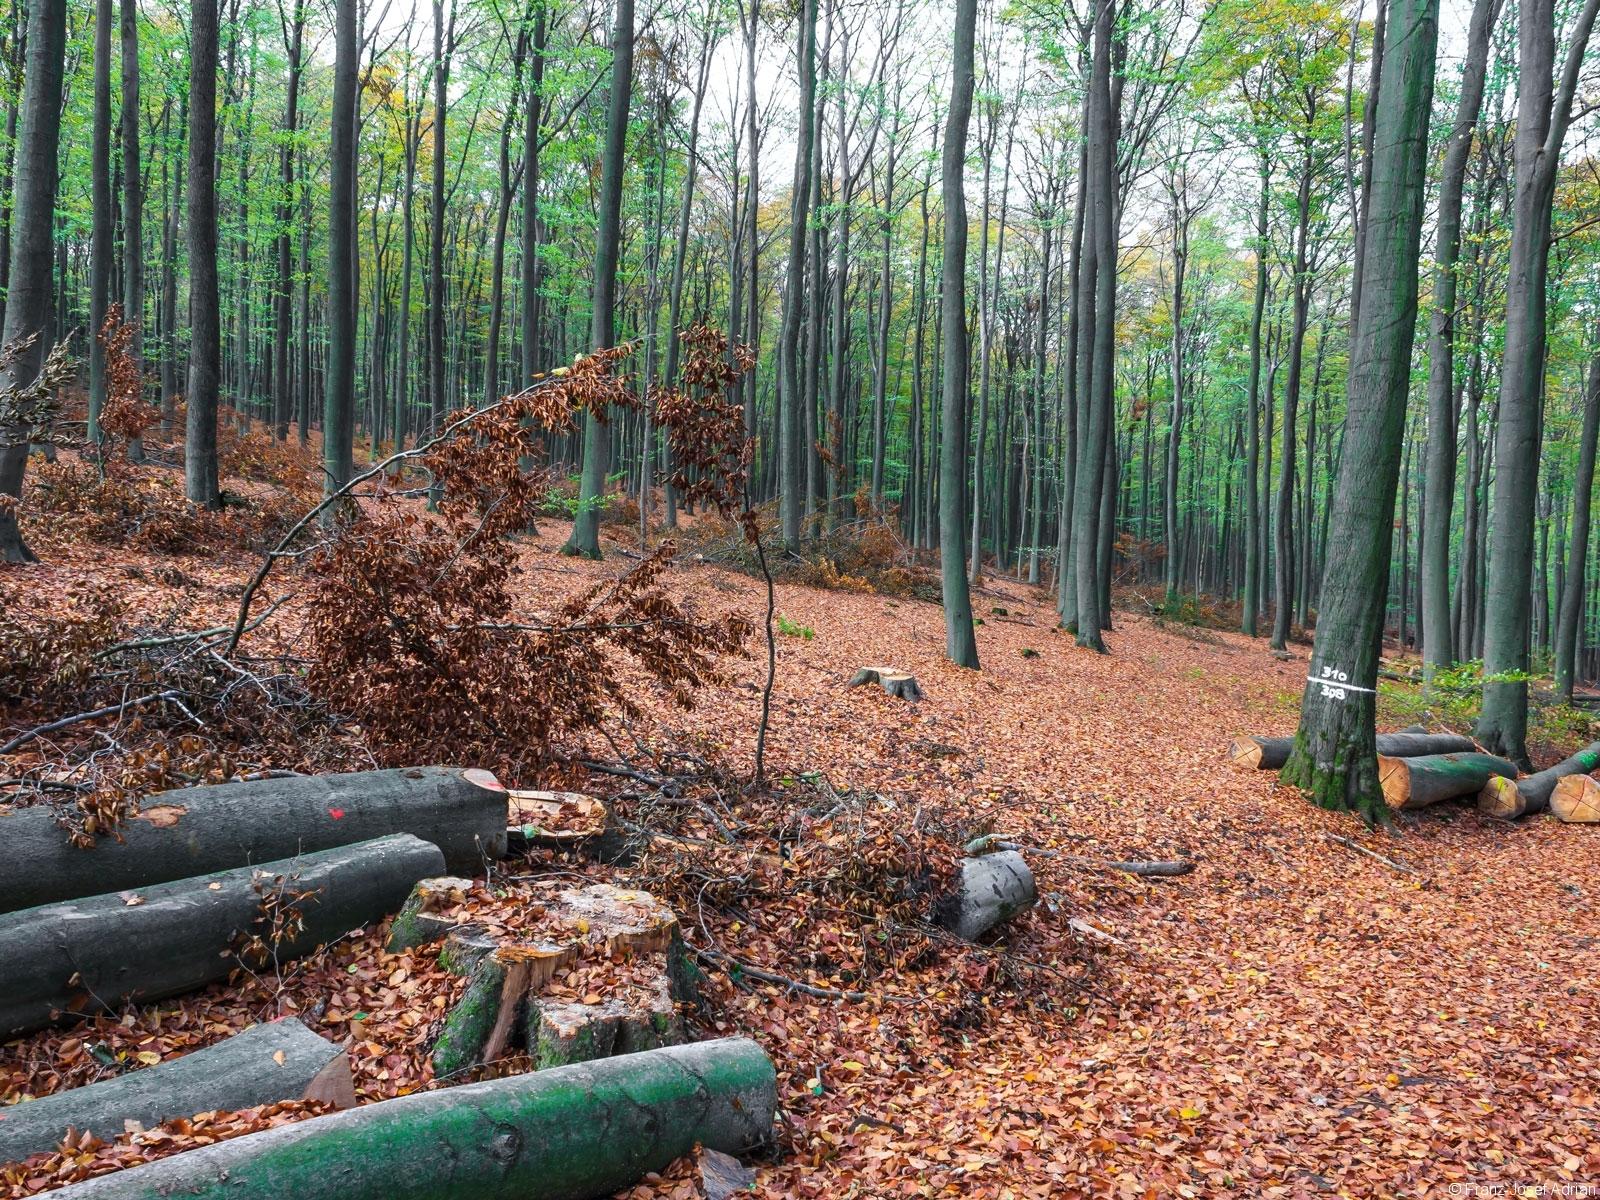 einschichtiger Wald ohne Unter- und Zwischenstand